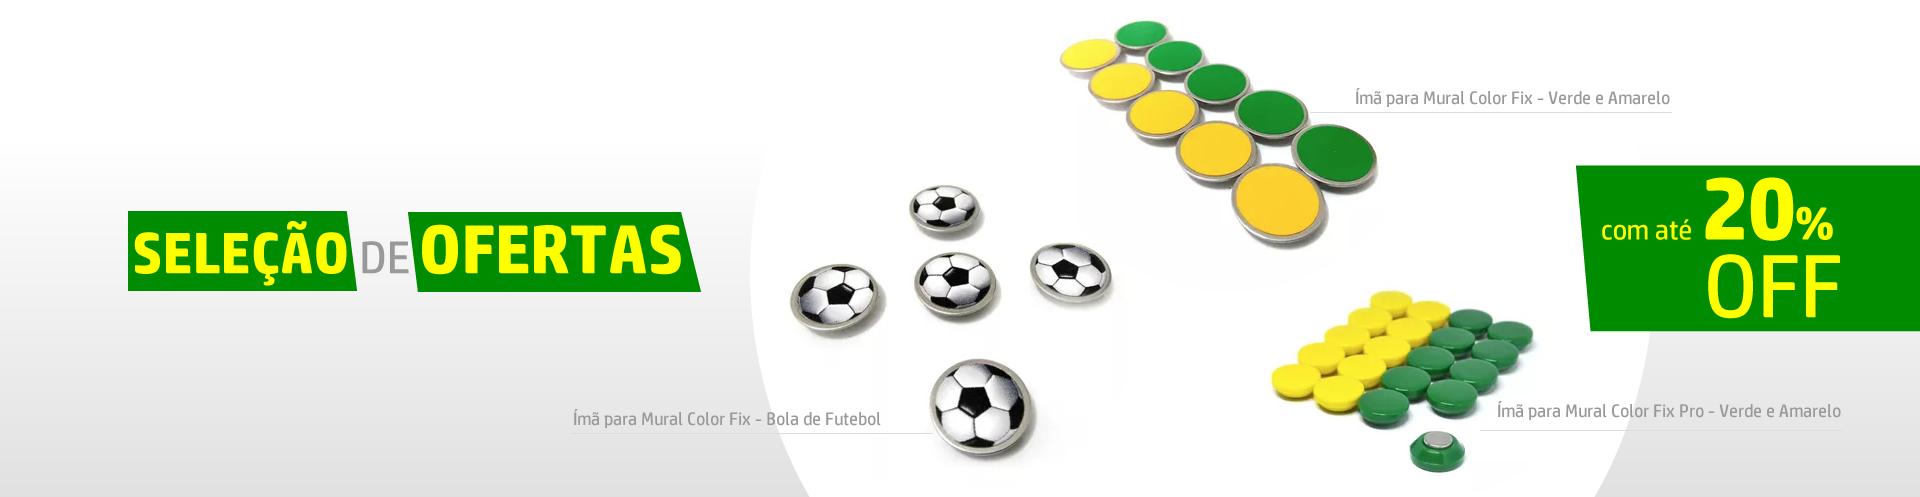 Ofertas Copa Produtos